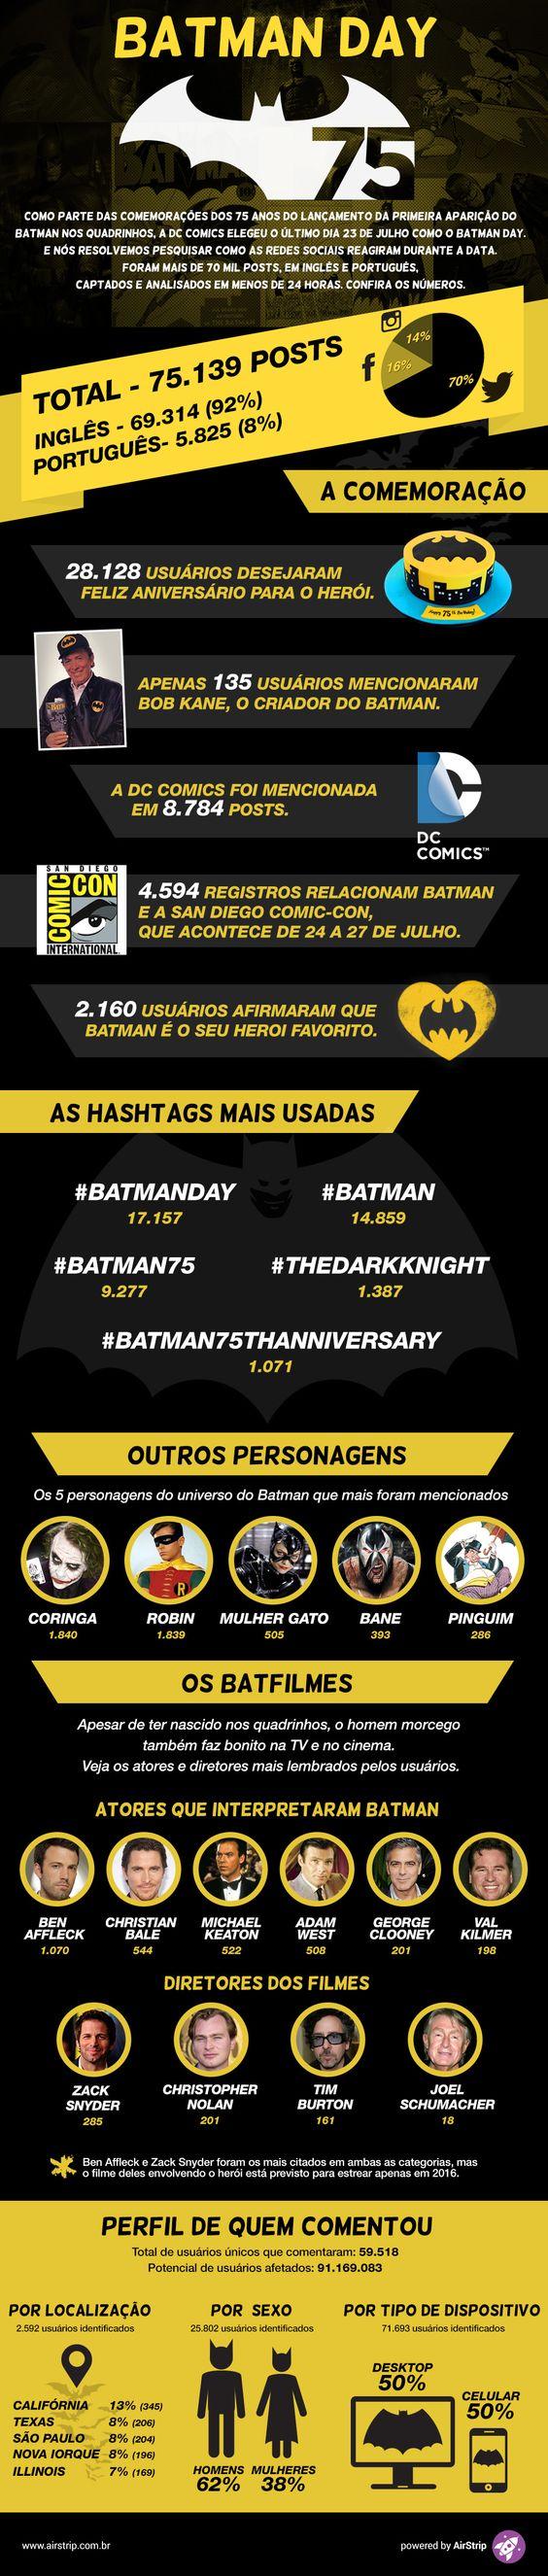 23/07 foi declarado o Batman Day, e nós analisamos tudo o que as redes sociais falaram sobre o herói nesse dia. Confira